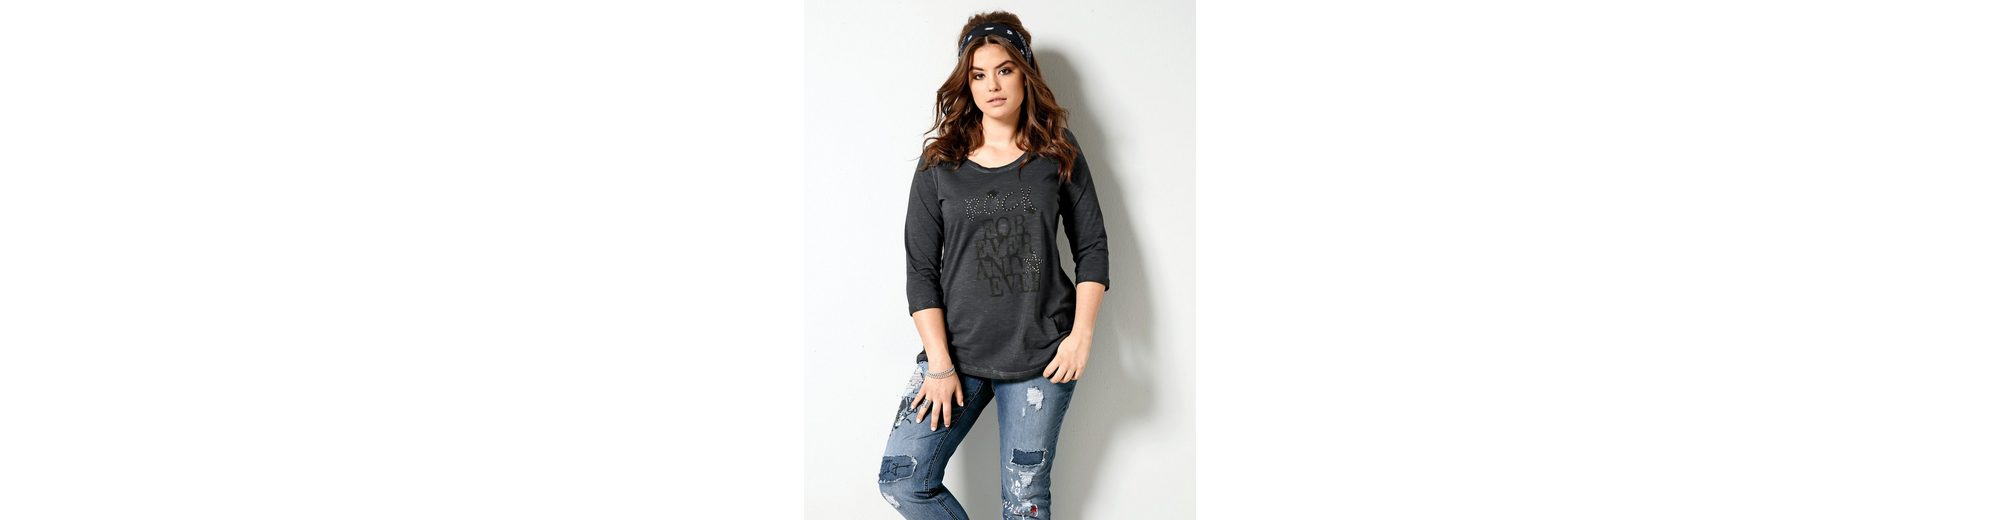 Angel of Style by Happy Size Shirt mit Frontprint Auf Dem Laufenden Günstiger Versand wliGlz